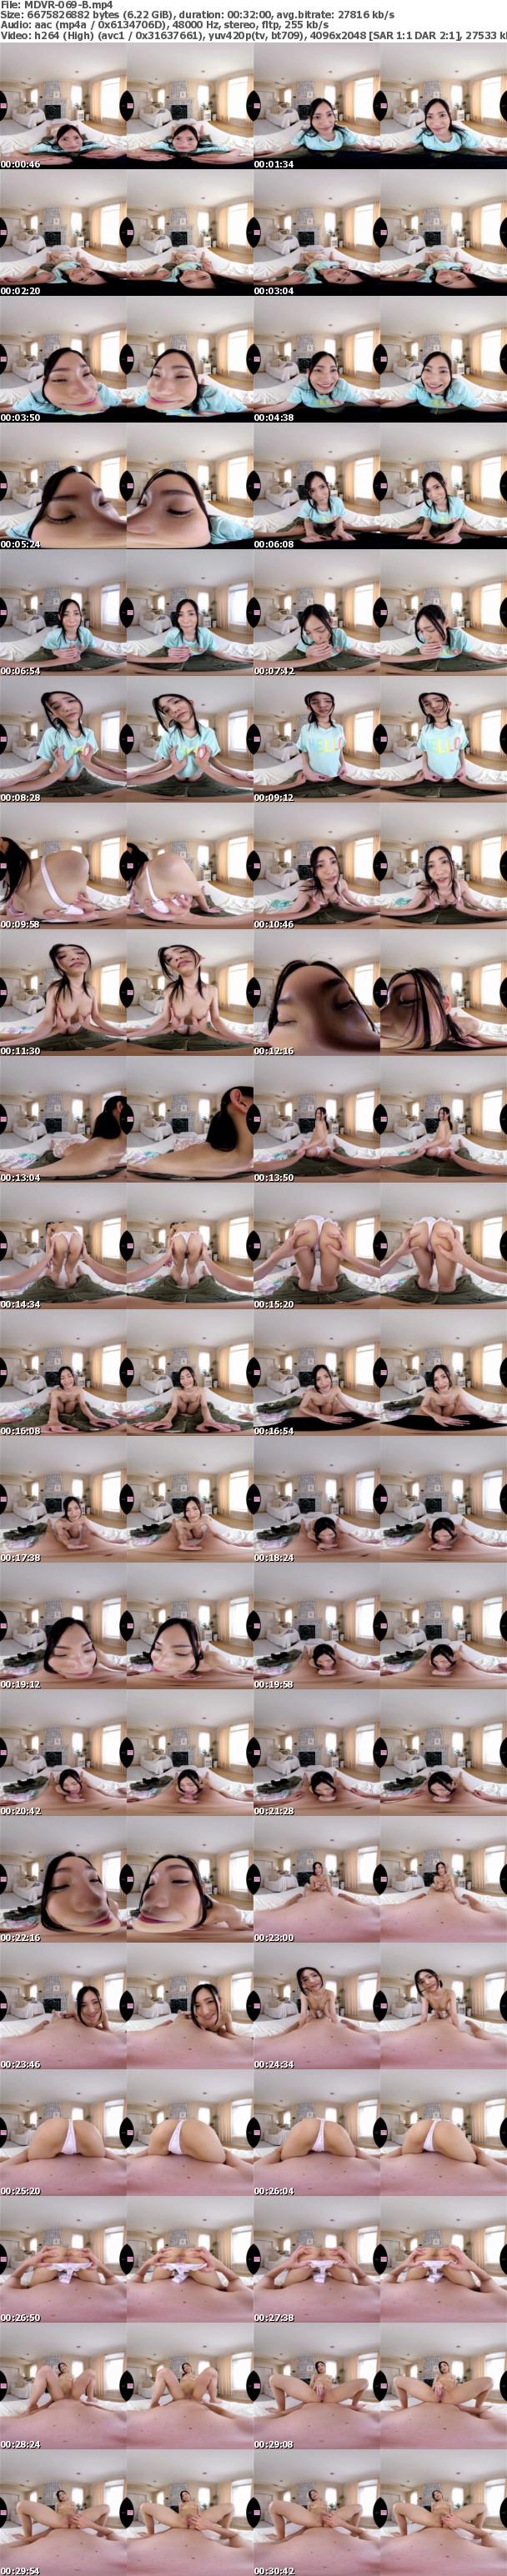 (VR) MDVR-069 初MOODYZ VR 小さいころに結婚を約束していたおさななじみがSEXの天才になって15年ぶりのドラマチック再会VR 童貞のボクを結婚相手にふさわしい男性にしてくれるための、朝から夜までエッチな体験がてんこ盛りのエロ同棲生活START!! 咲乃小春